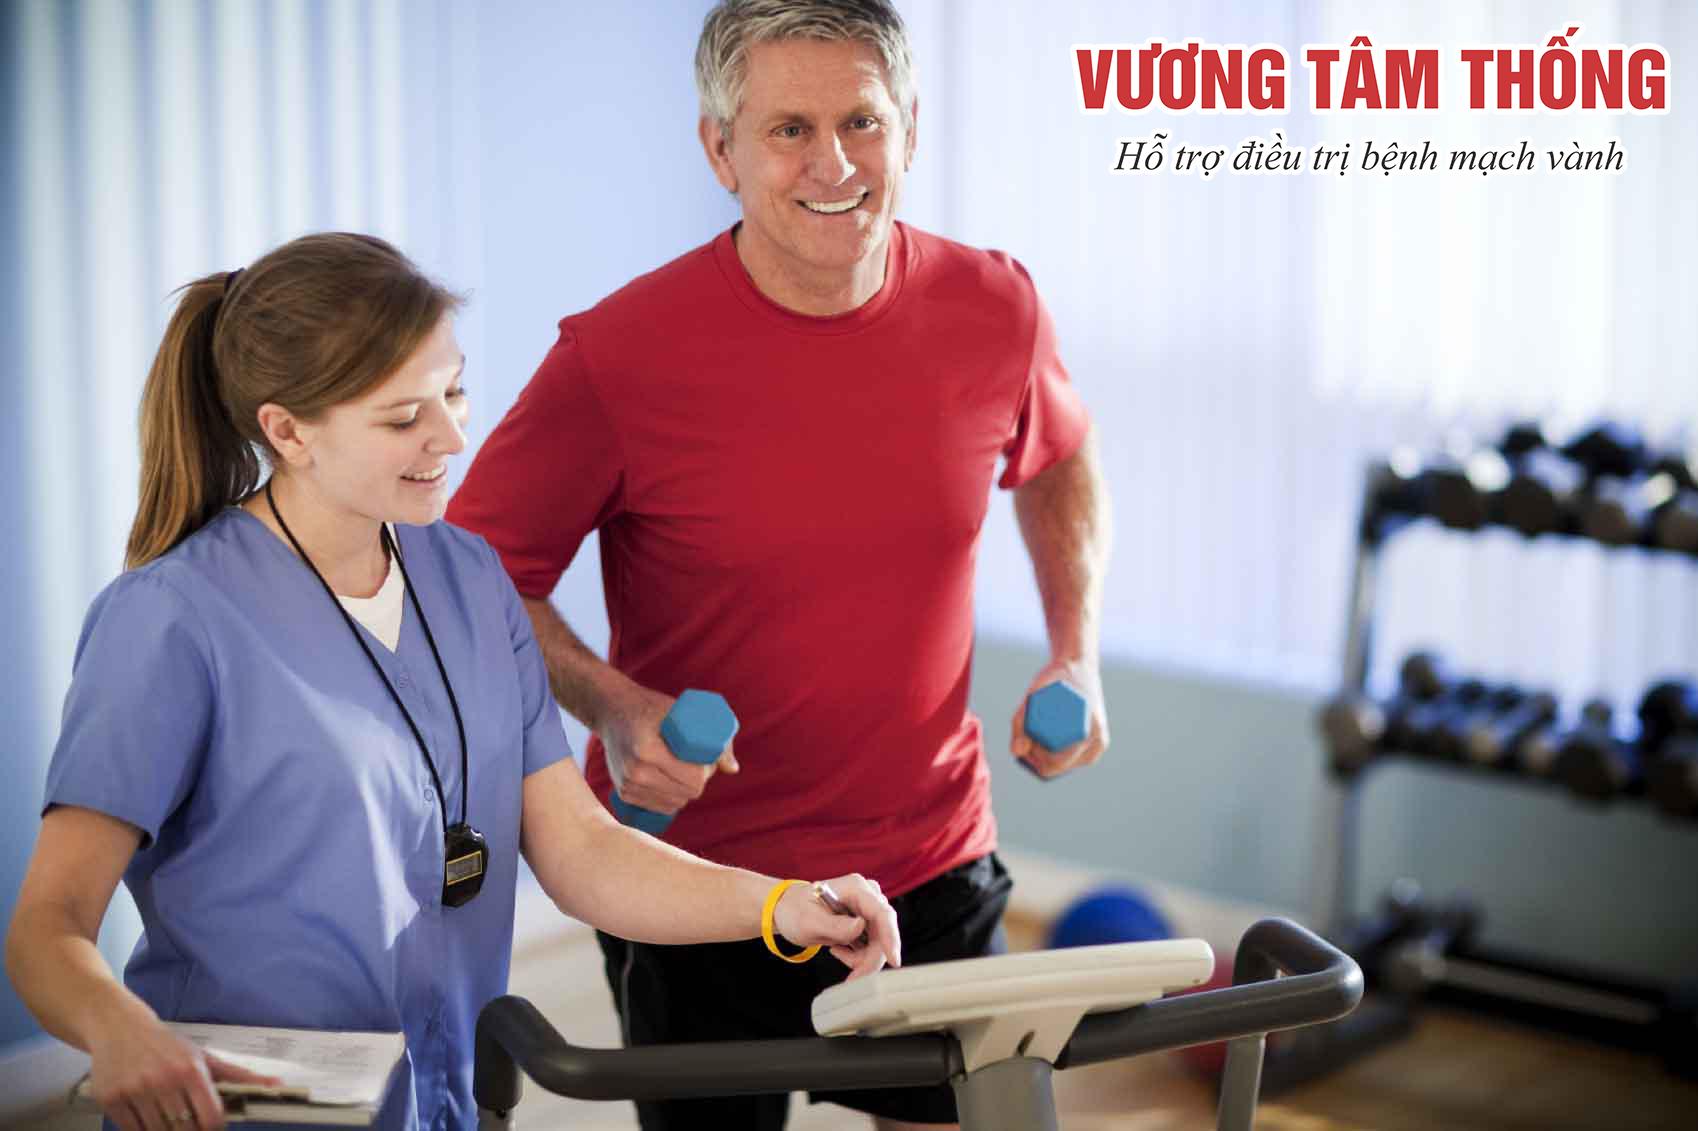 L-Carnitine giúp hỗ trợ cơ thể phục hồi sau nhồi máu cơ tim